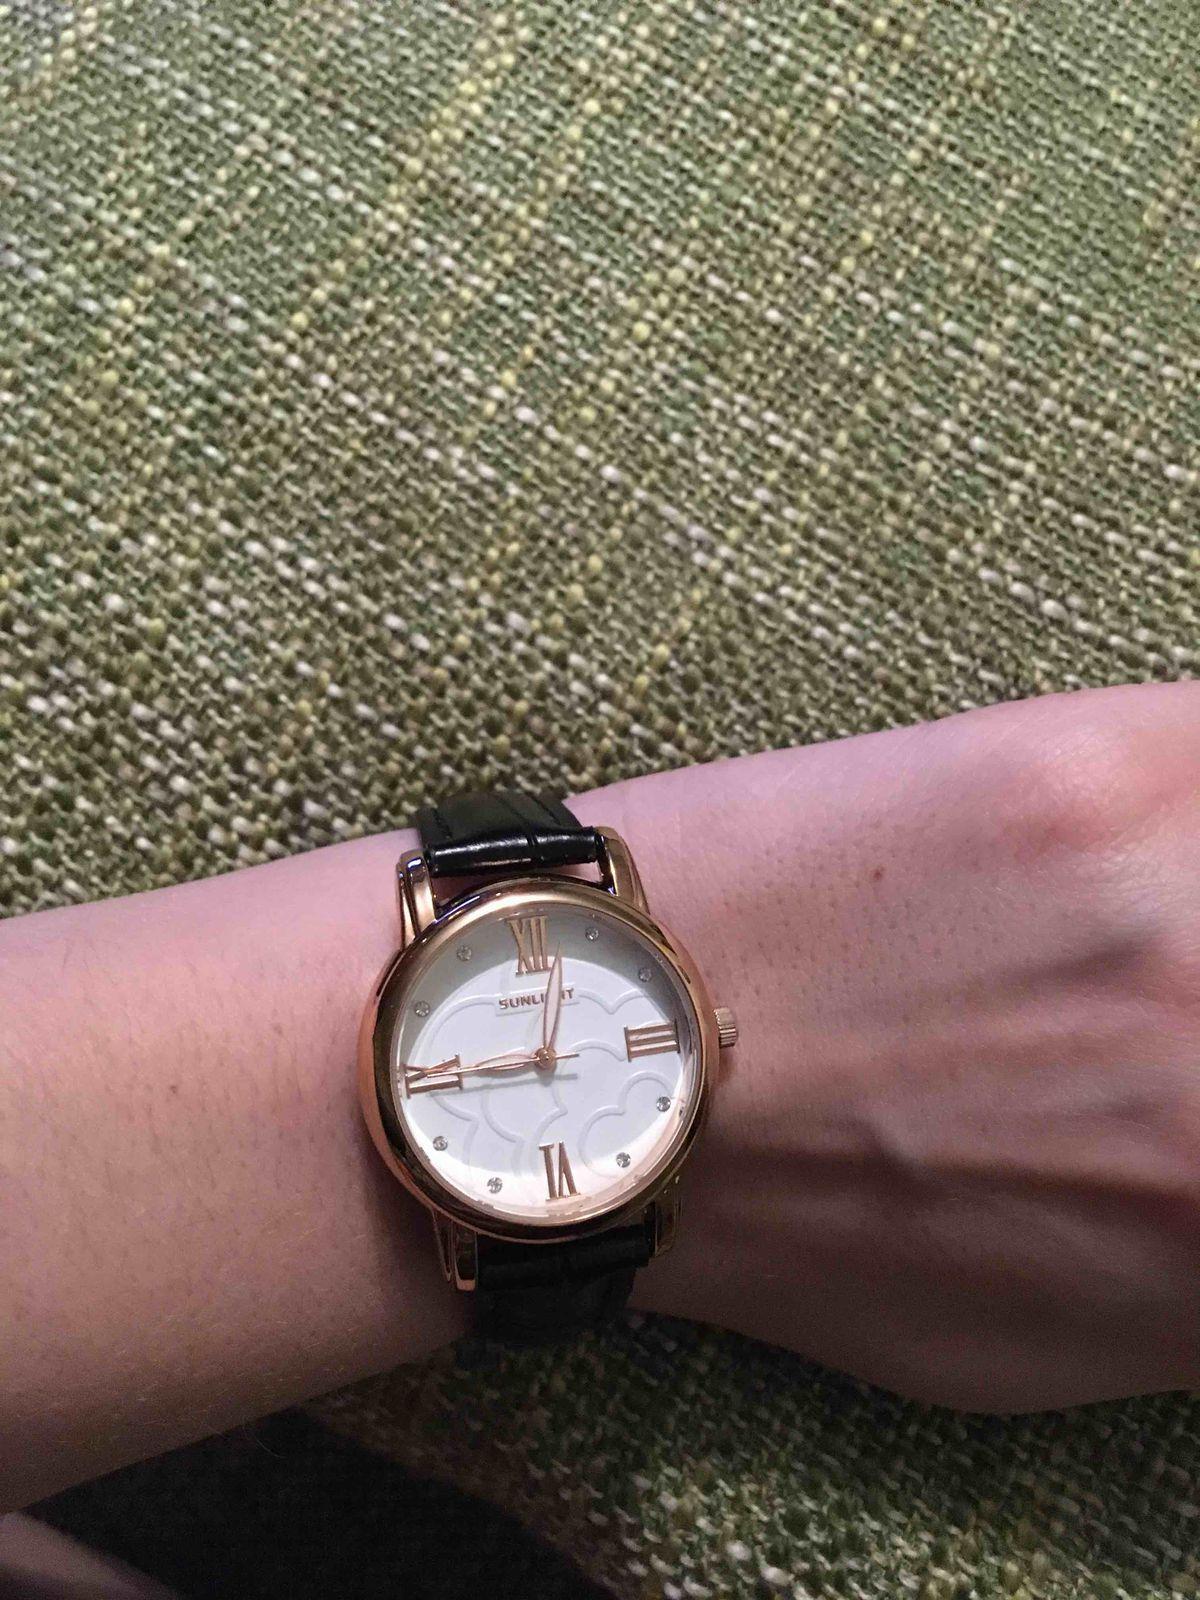 Часы просто супер!! очень элегантные, на руке смотрятся очень изящно!